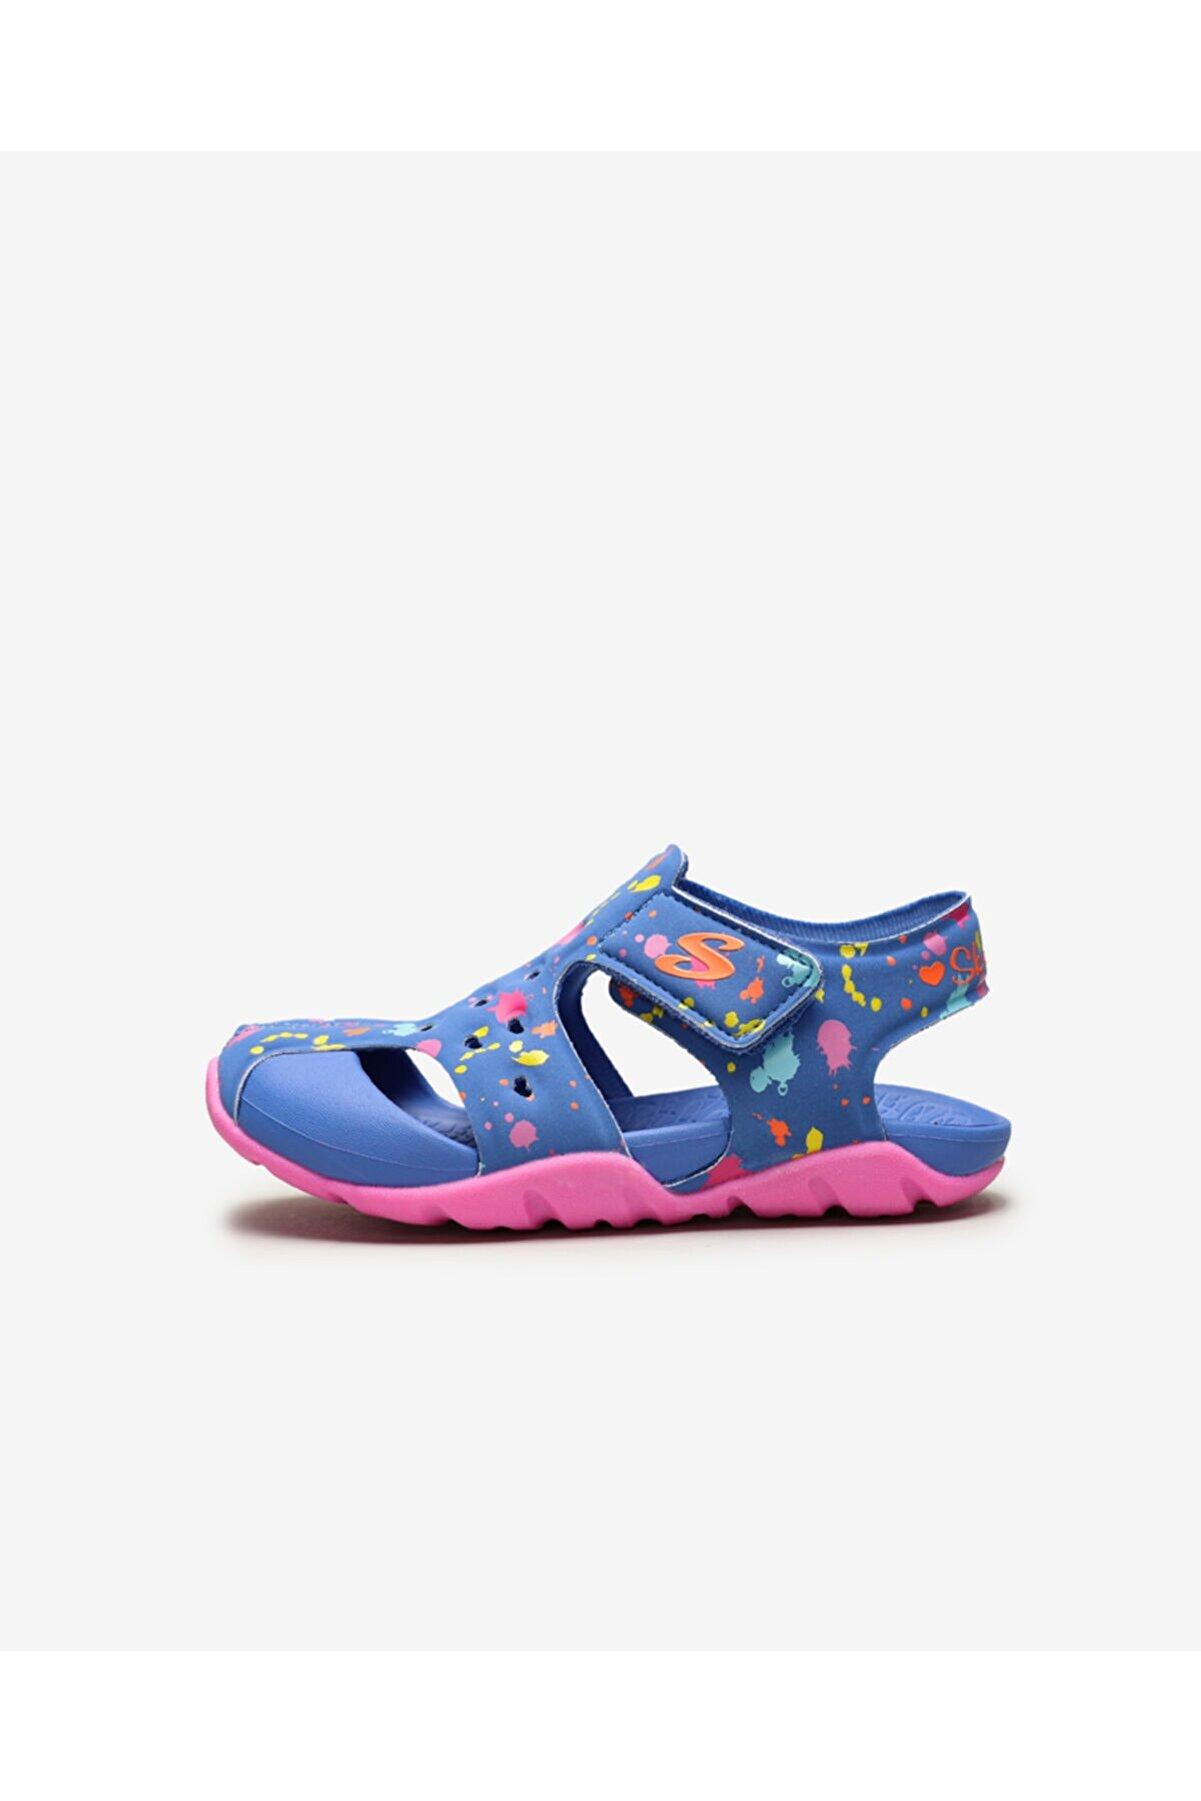 Skechers Küçük Kız Çocuk Mavi Sandalet